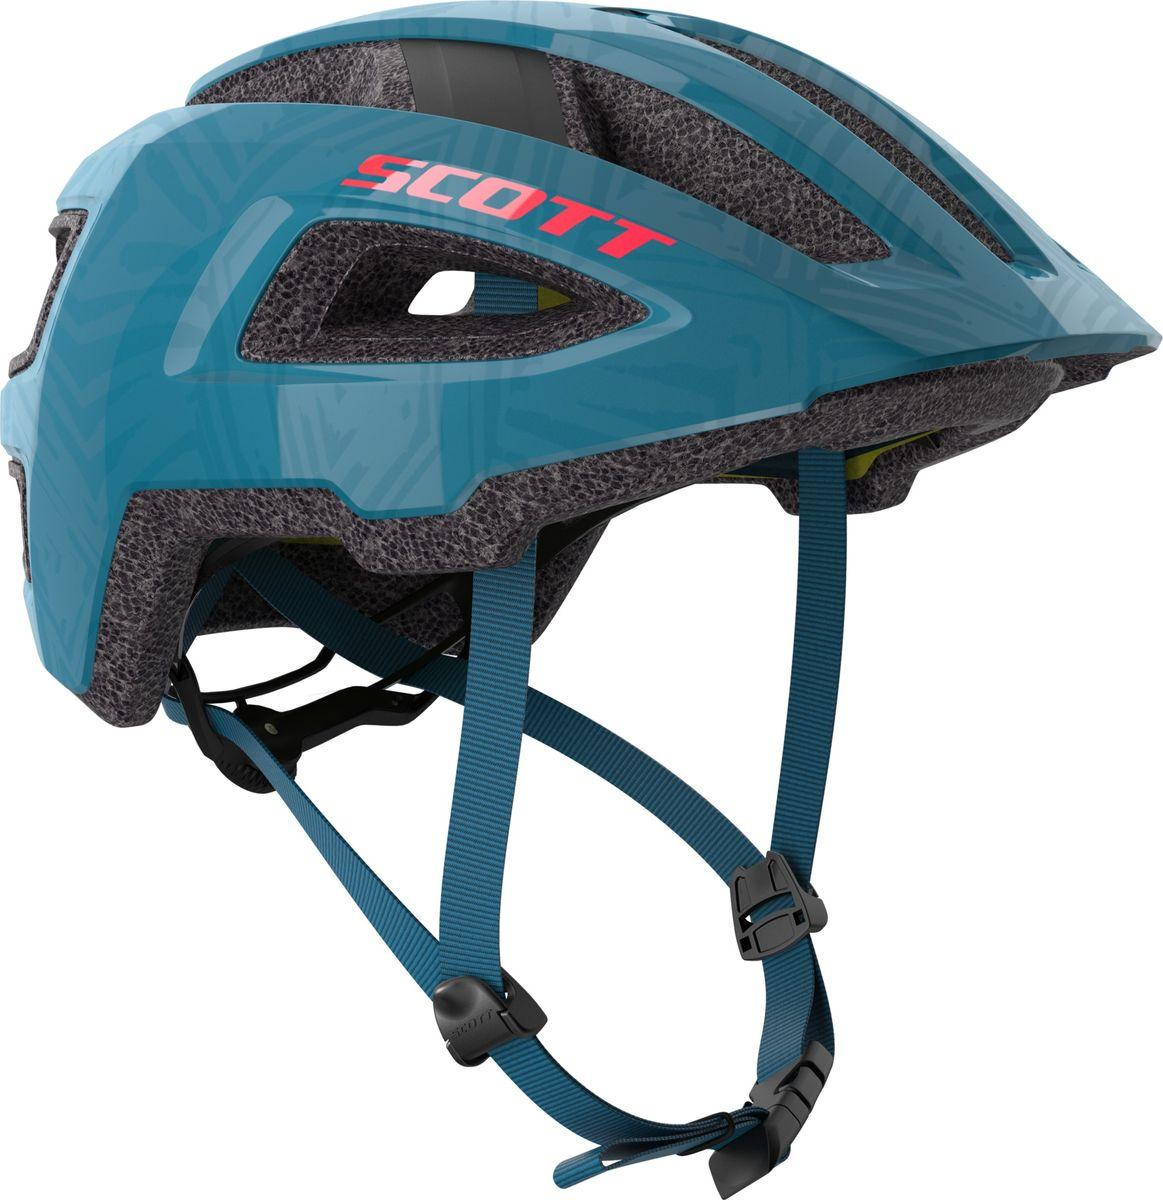 Шлем защитный Scott Groove Plus, 265532-6159, синий, размер M/L scott moeller intelligent m